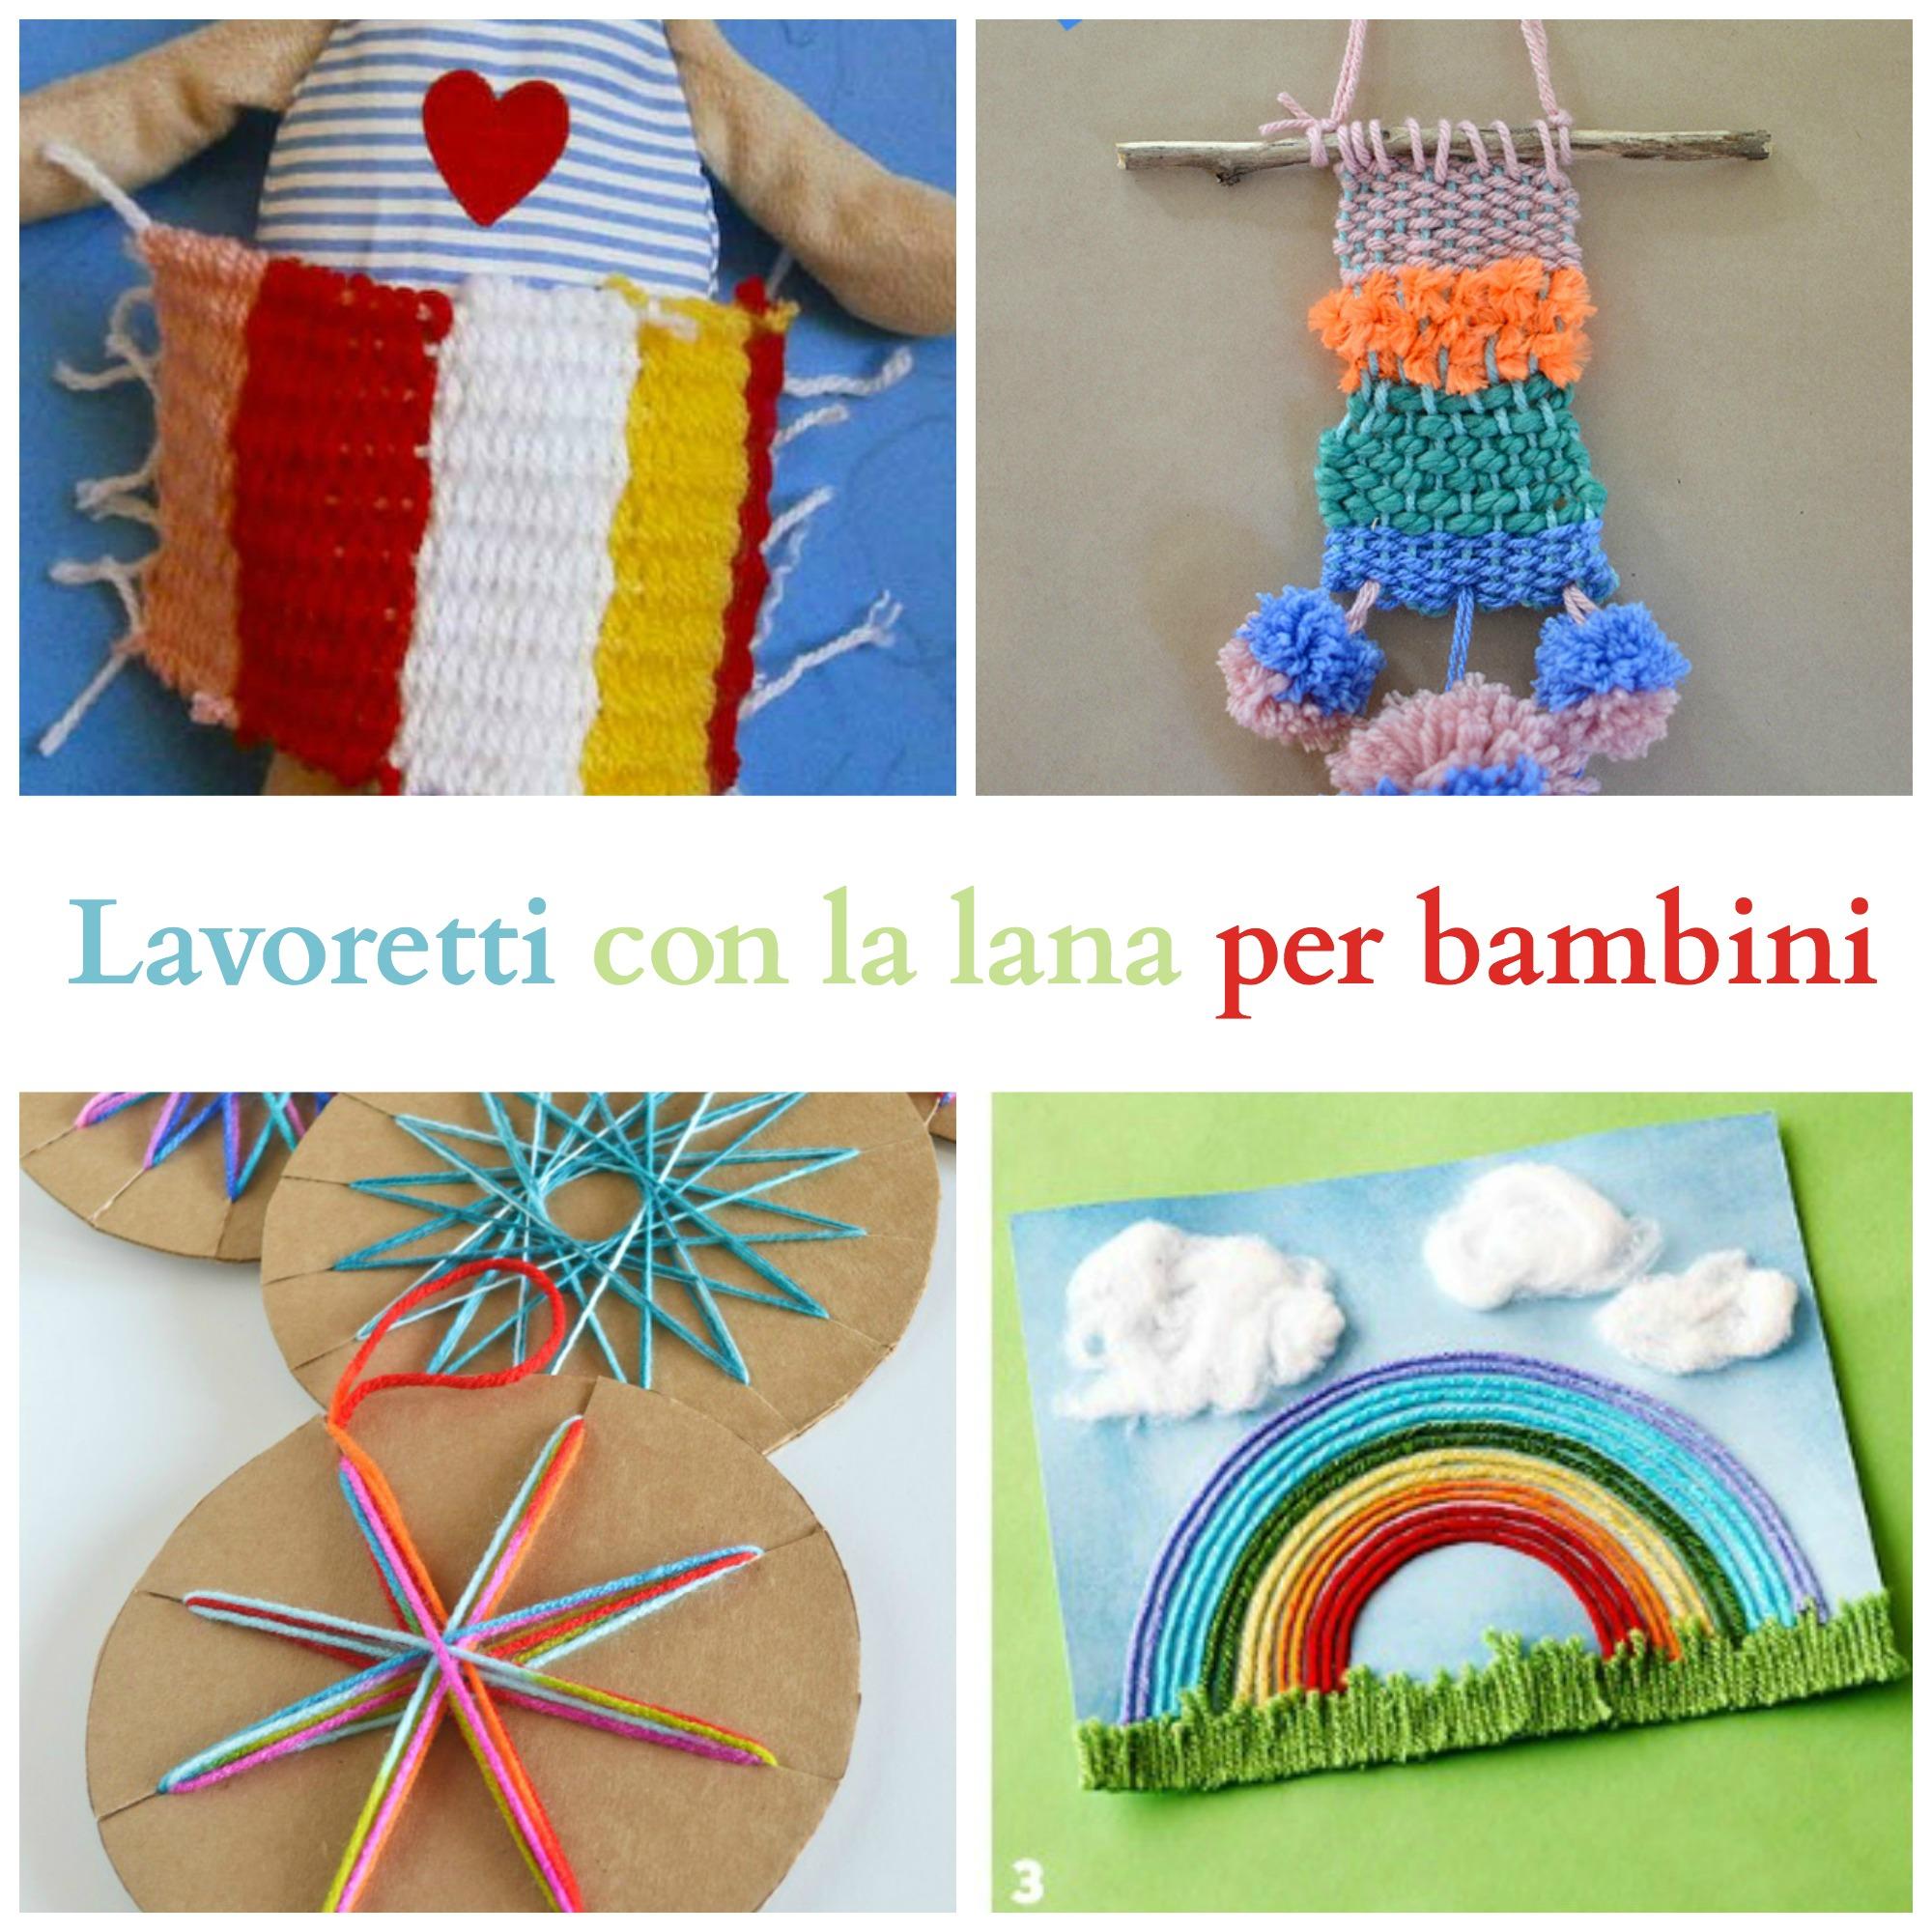 spesso Lavoretti con la lana per bambini - BabyGreen BK08